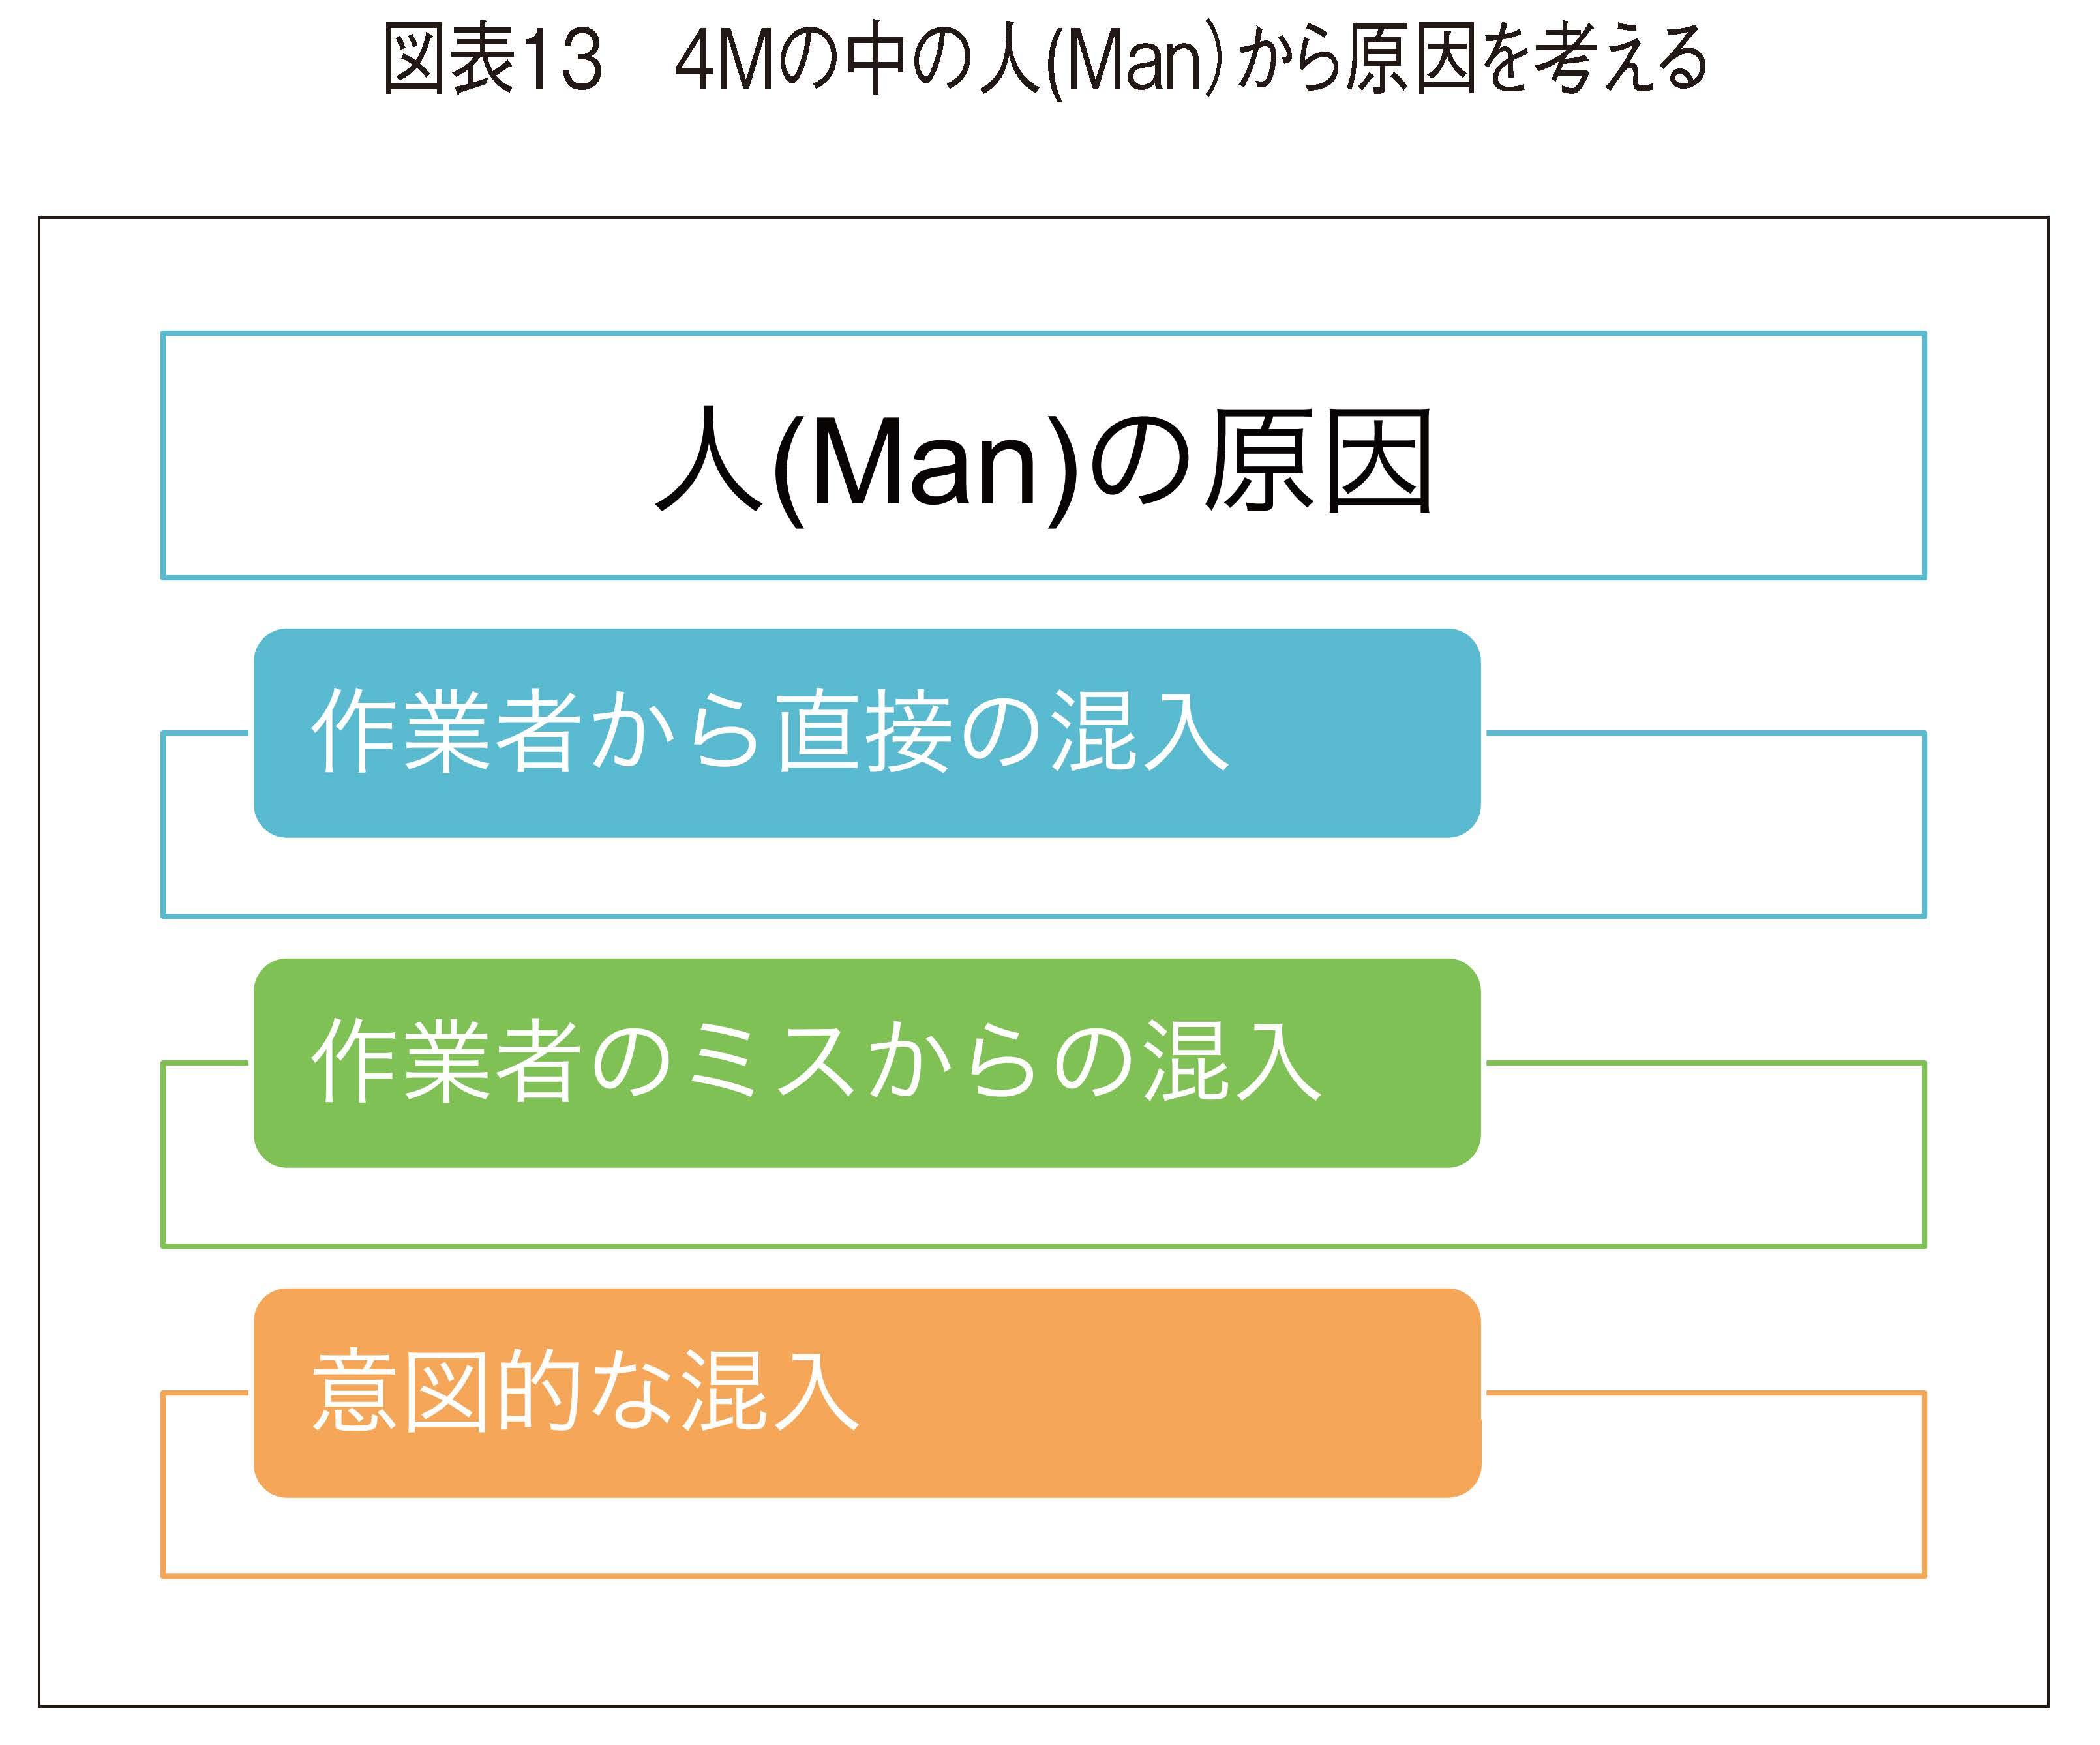 4Mの中の人(Man)から原因を考える